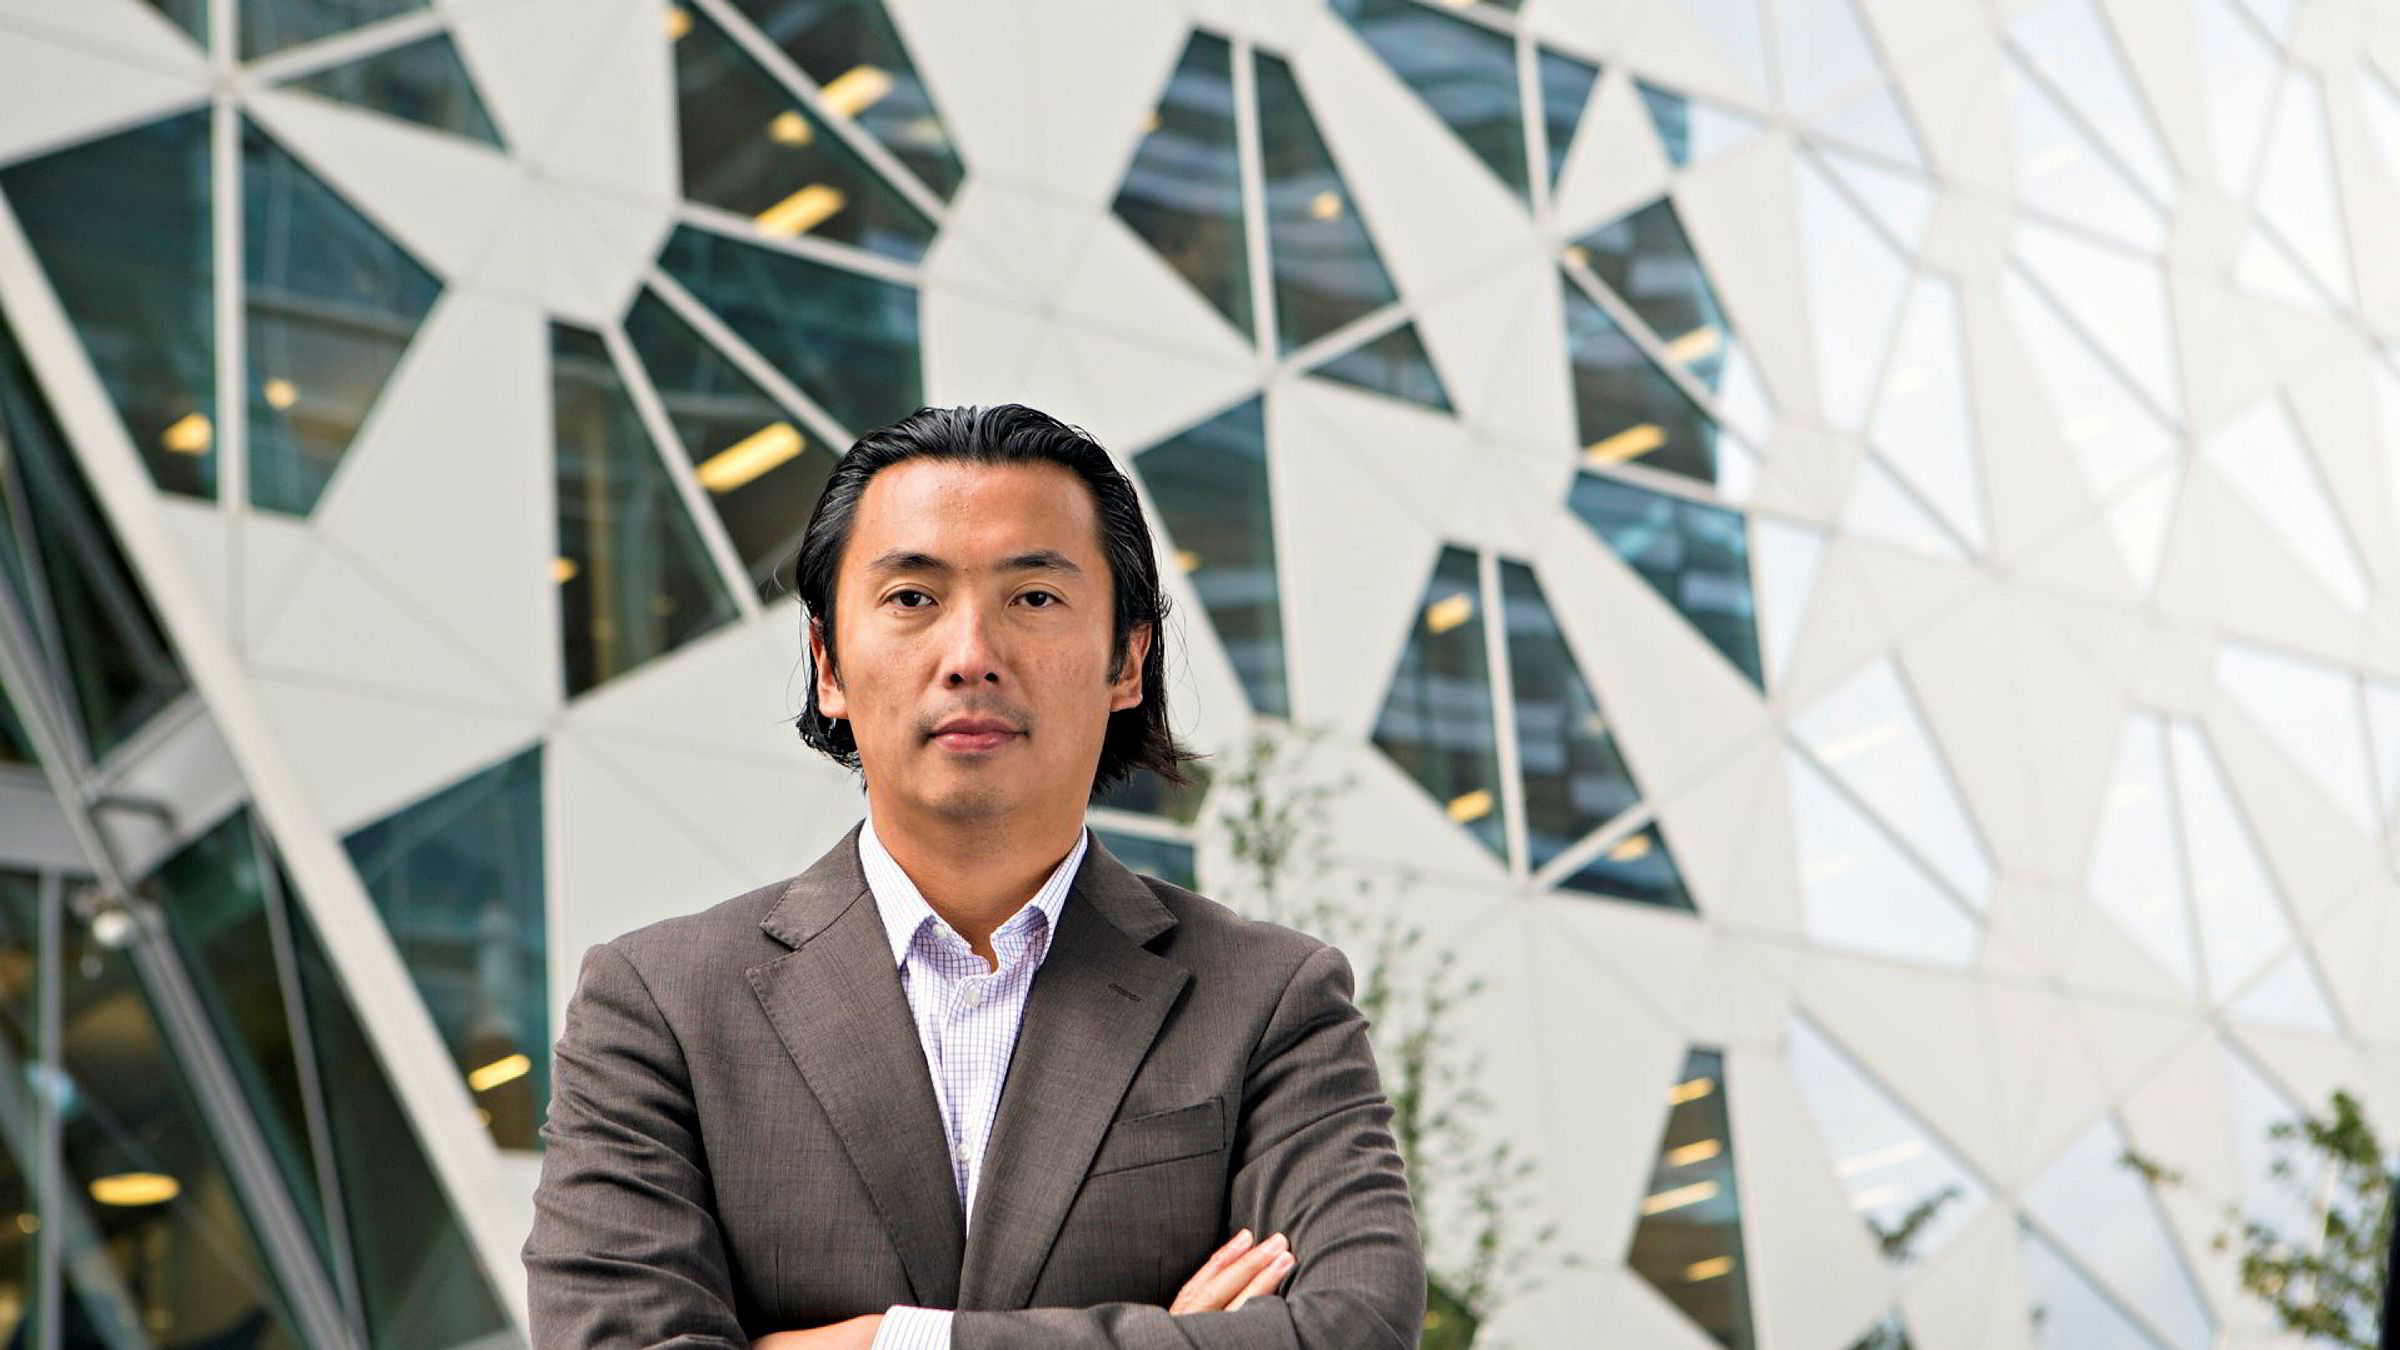 Olav Chen, porteføljeforvalter i Storebrand kapitalforvaltning, tror ikke USA vil havne i en ny nasjon-vid lockdown til tross for økte smittetall.